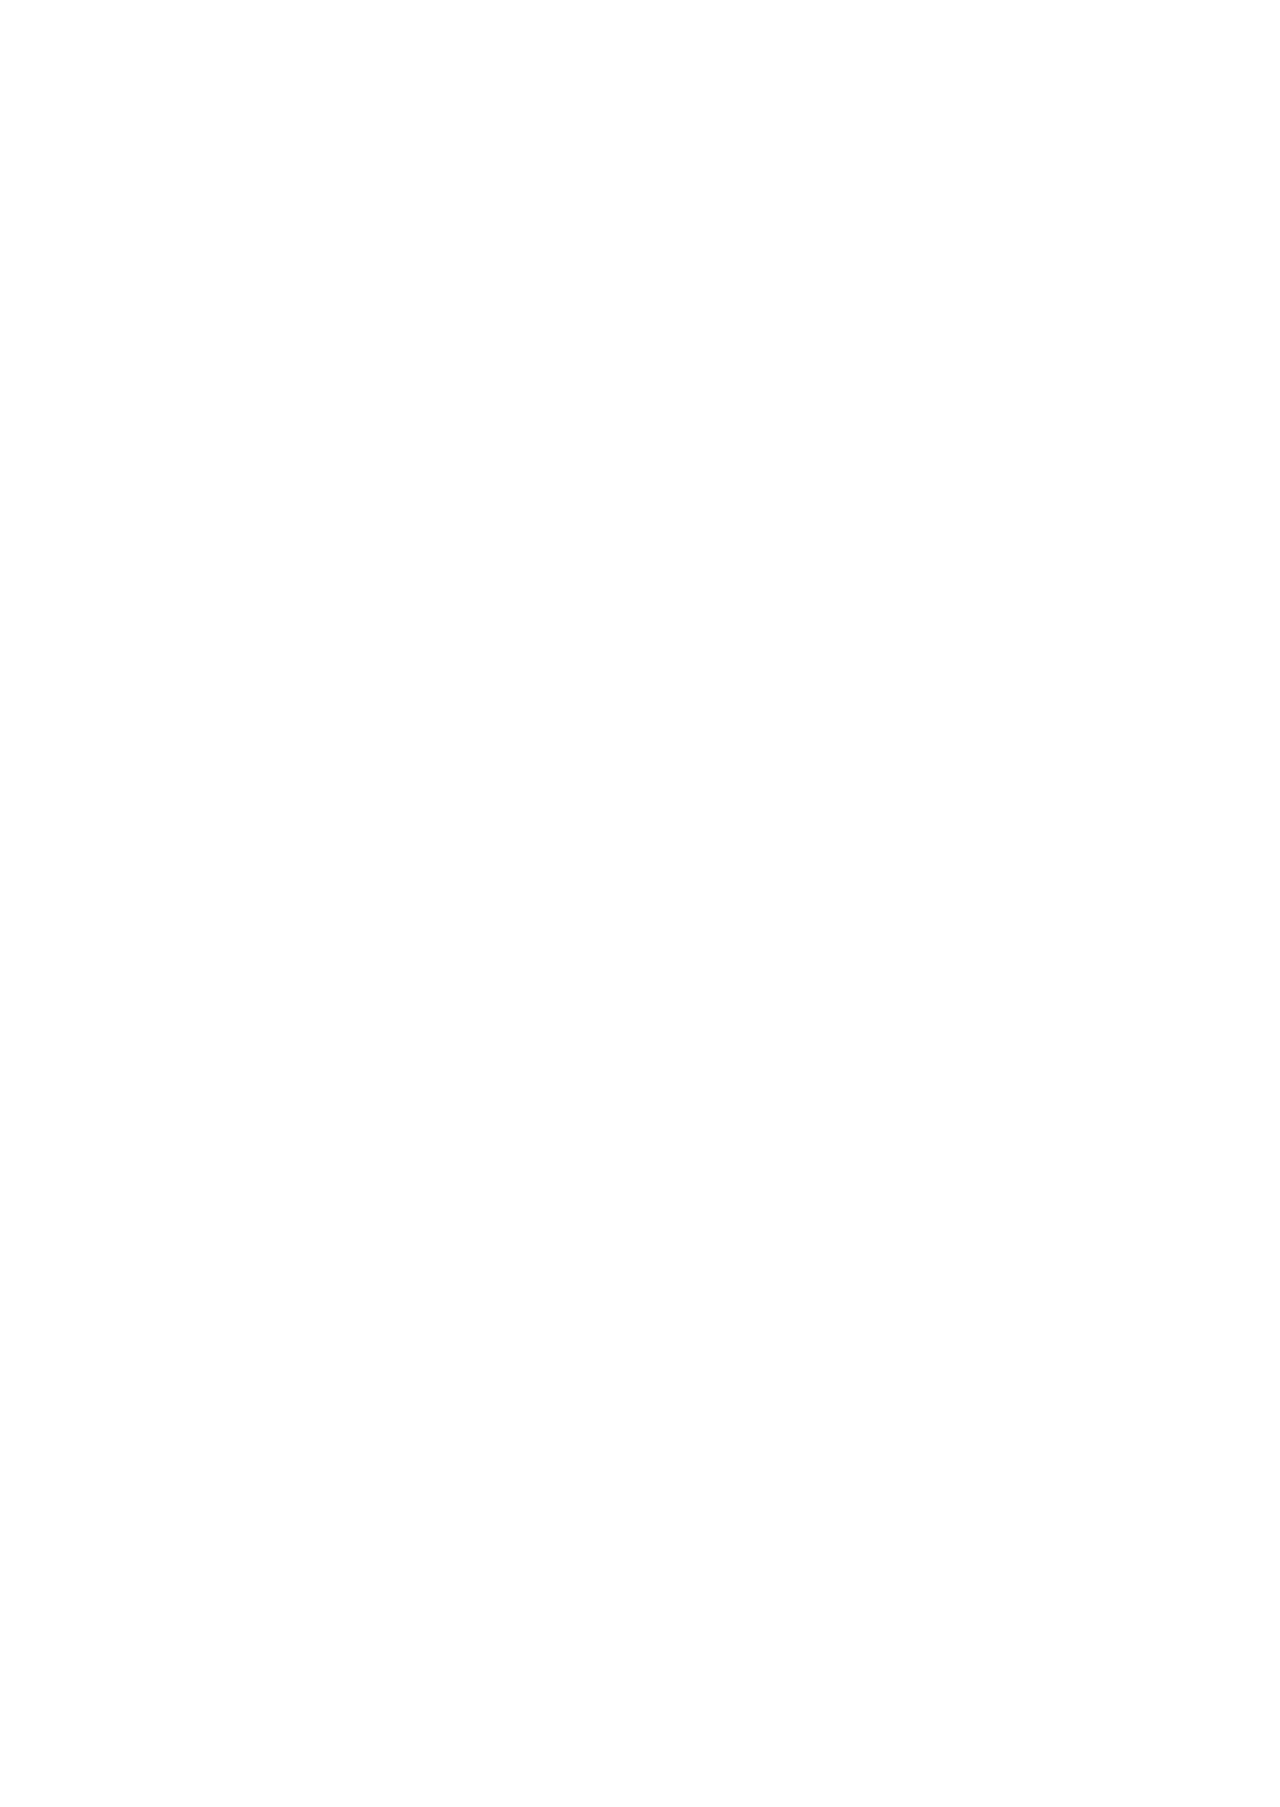 【エロ漫画】変態悪魔に調教されて1週間常に身体を弄られ続けることになった美少女JK淫魔…昼間の学校や夢の中でも何度も寸止めされ続けて淫乱になっていき、激しい生ハメ中出し調教レイプで淫乱奴隷堕ち【Meito:淫魔達の遊戯】